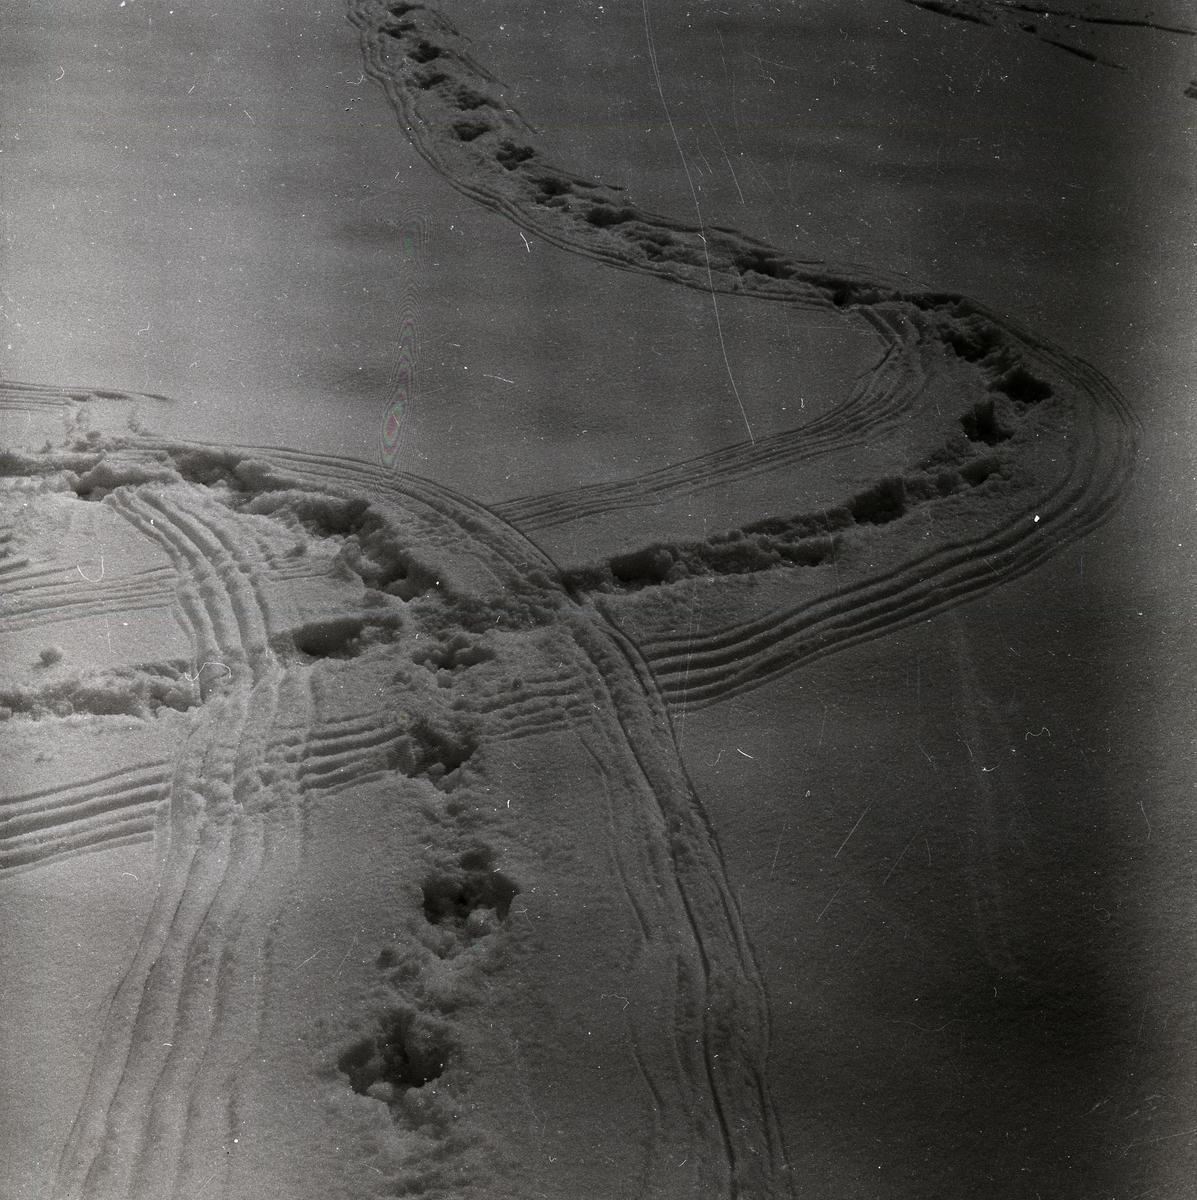 Spår i snön efter spelande tjädrar, 10 april 1956.